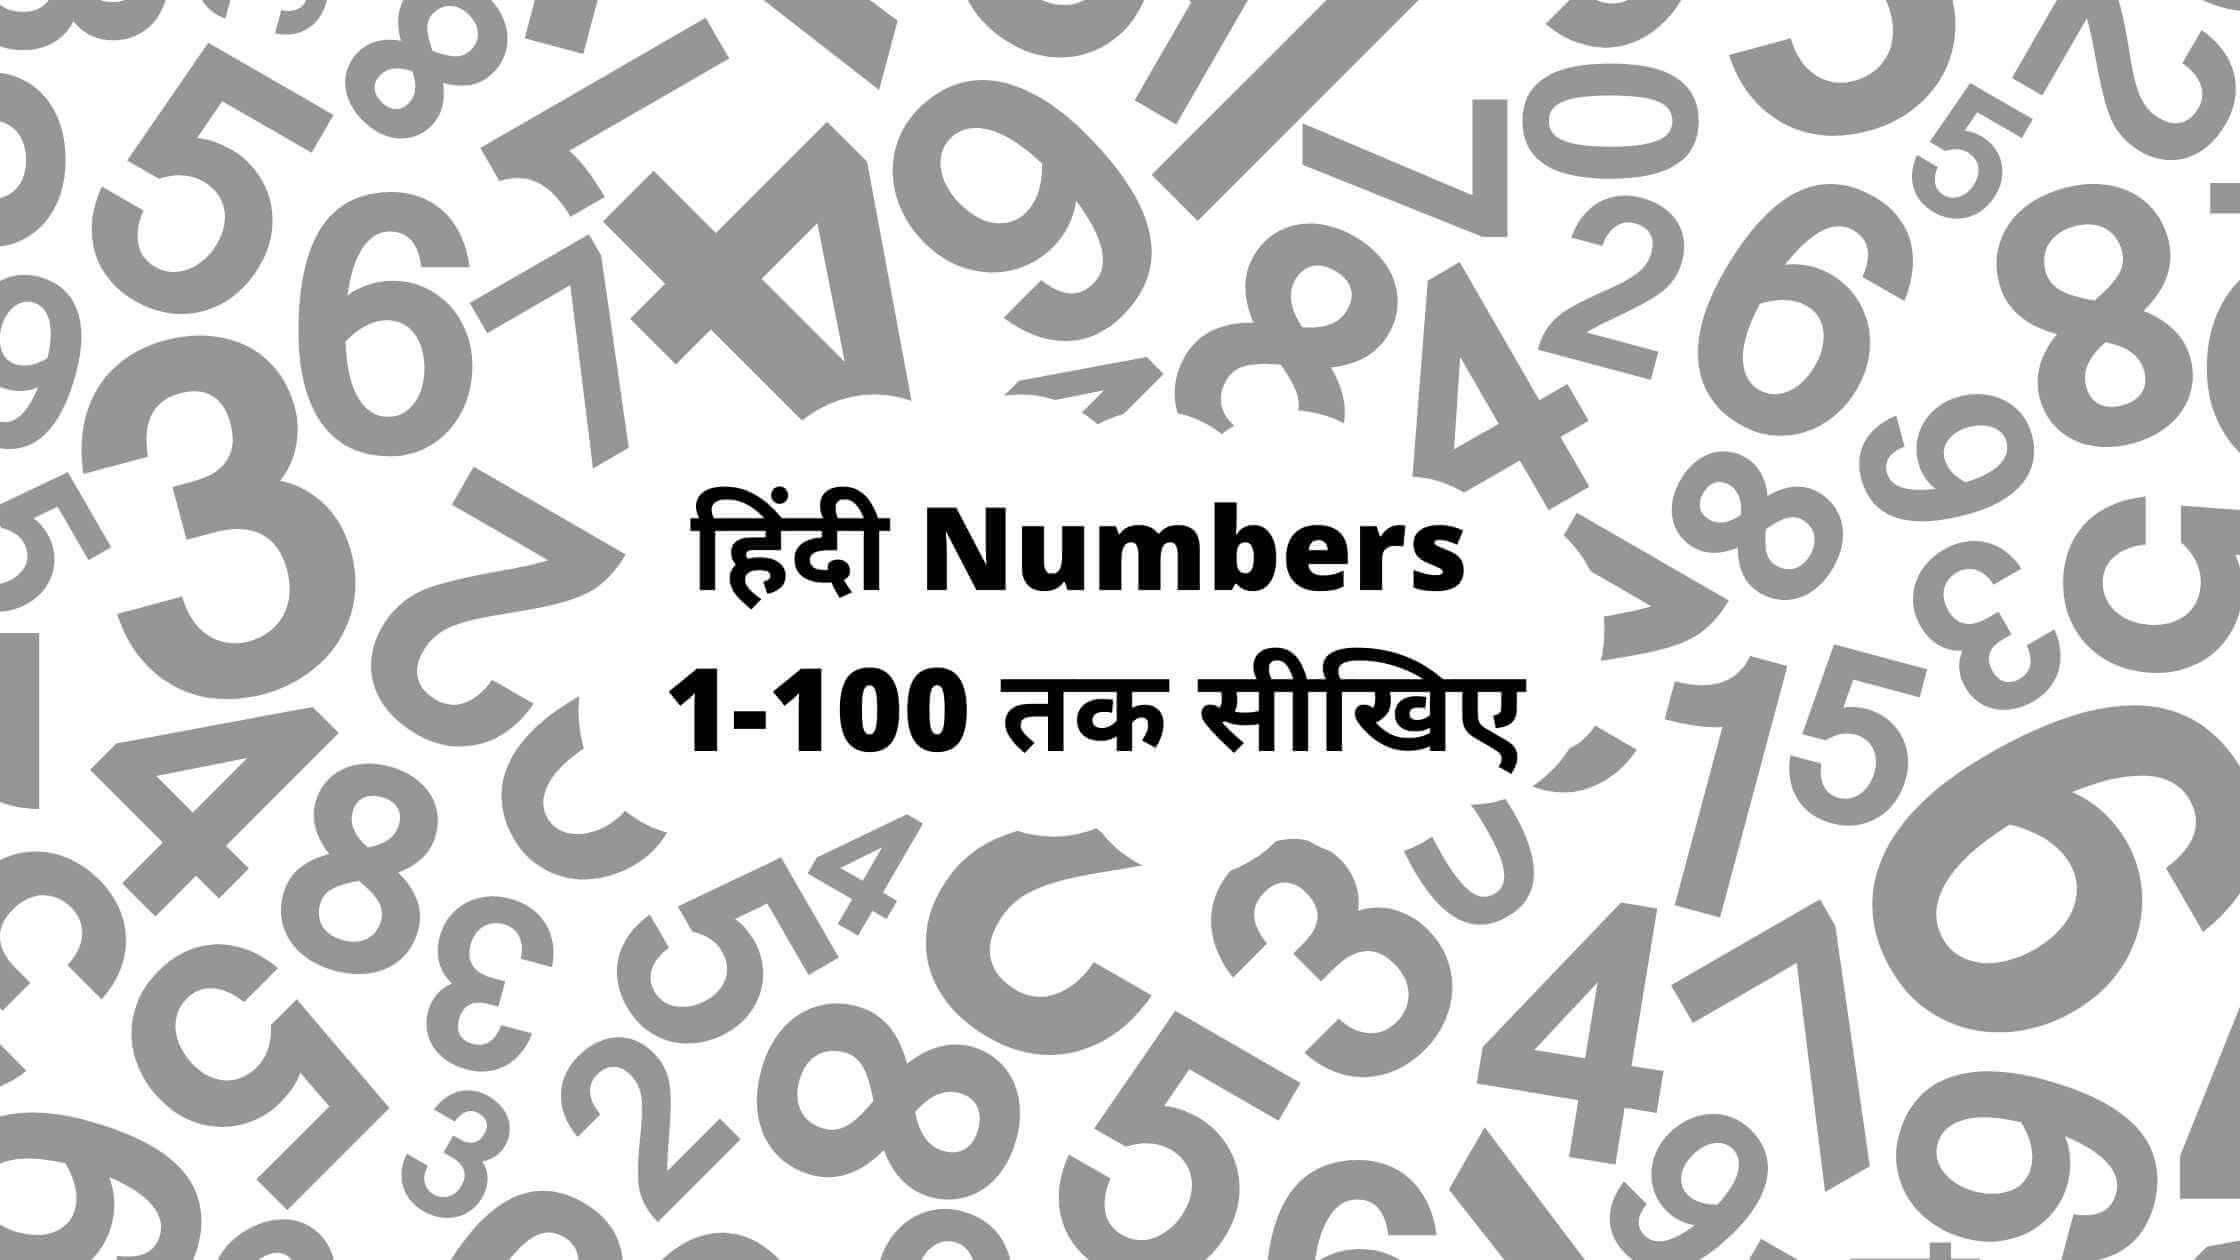 Hindi Numbers 1 to 30 से लेके Hindi Numbers 1 to 100 तक सीखिए